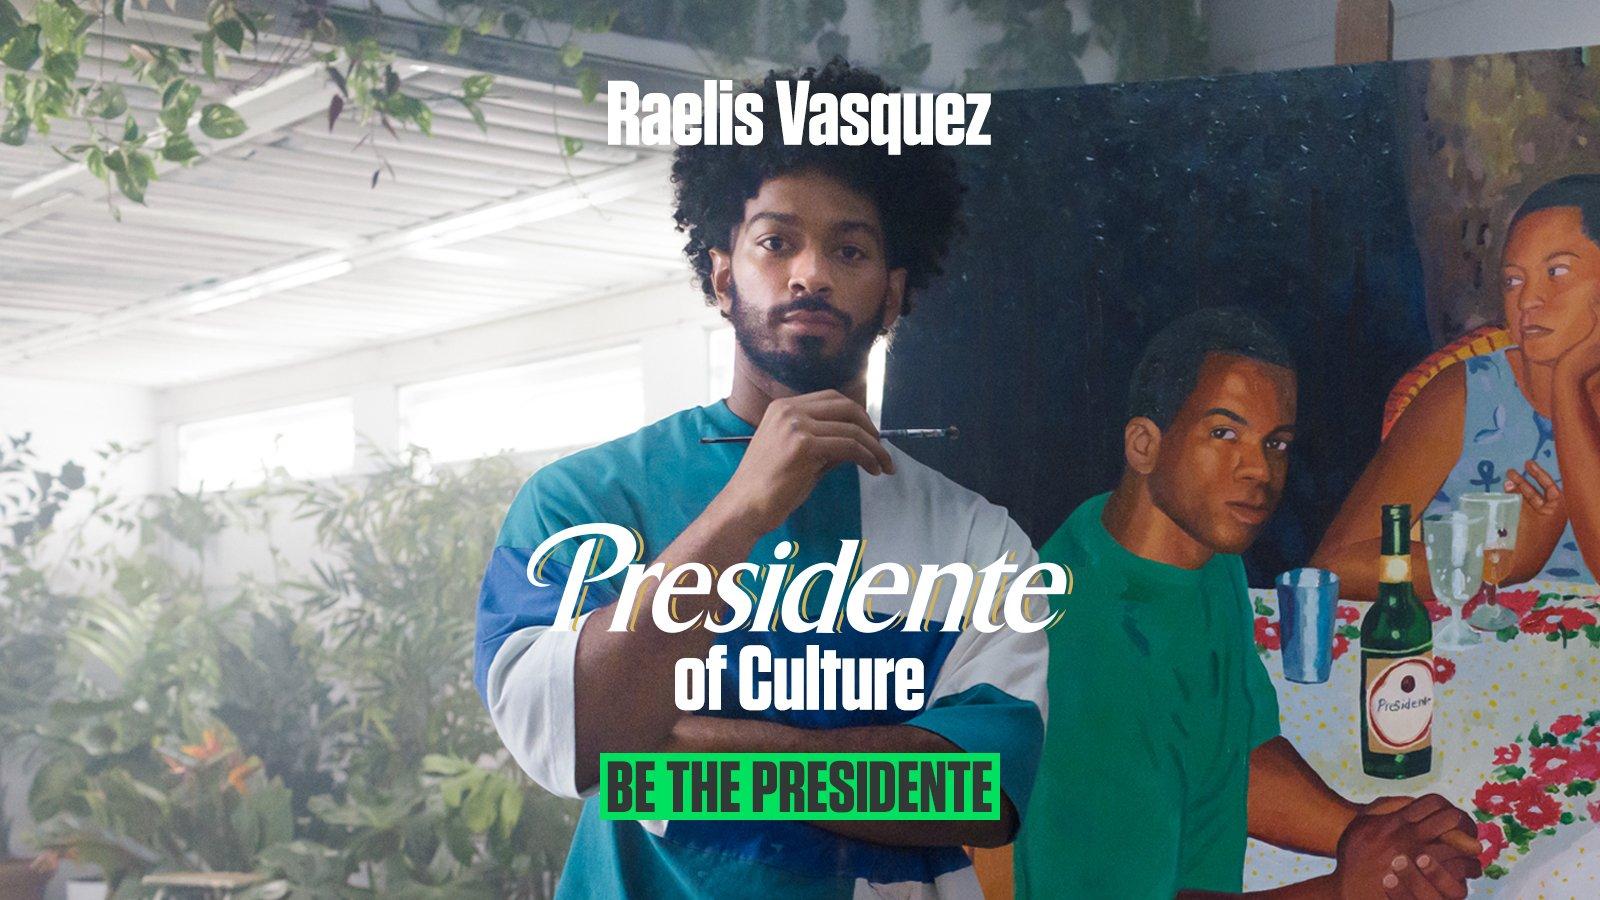 Raelis Vasquez for Presidente